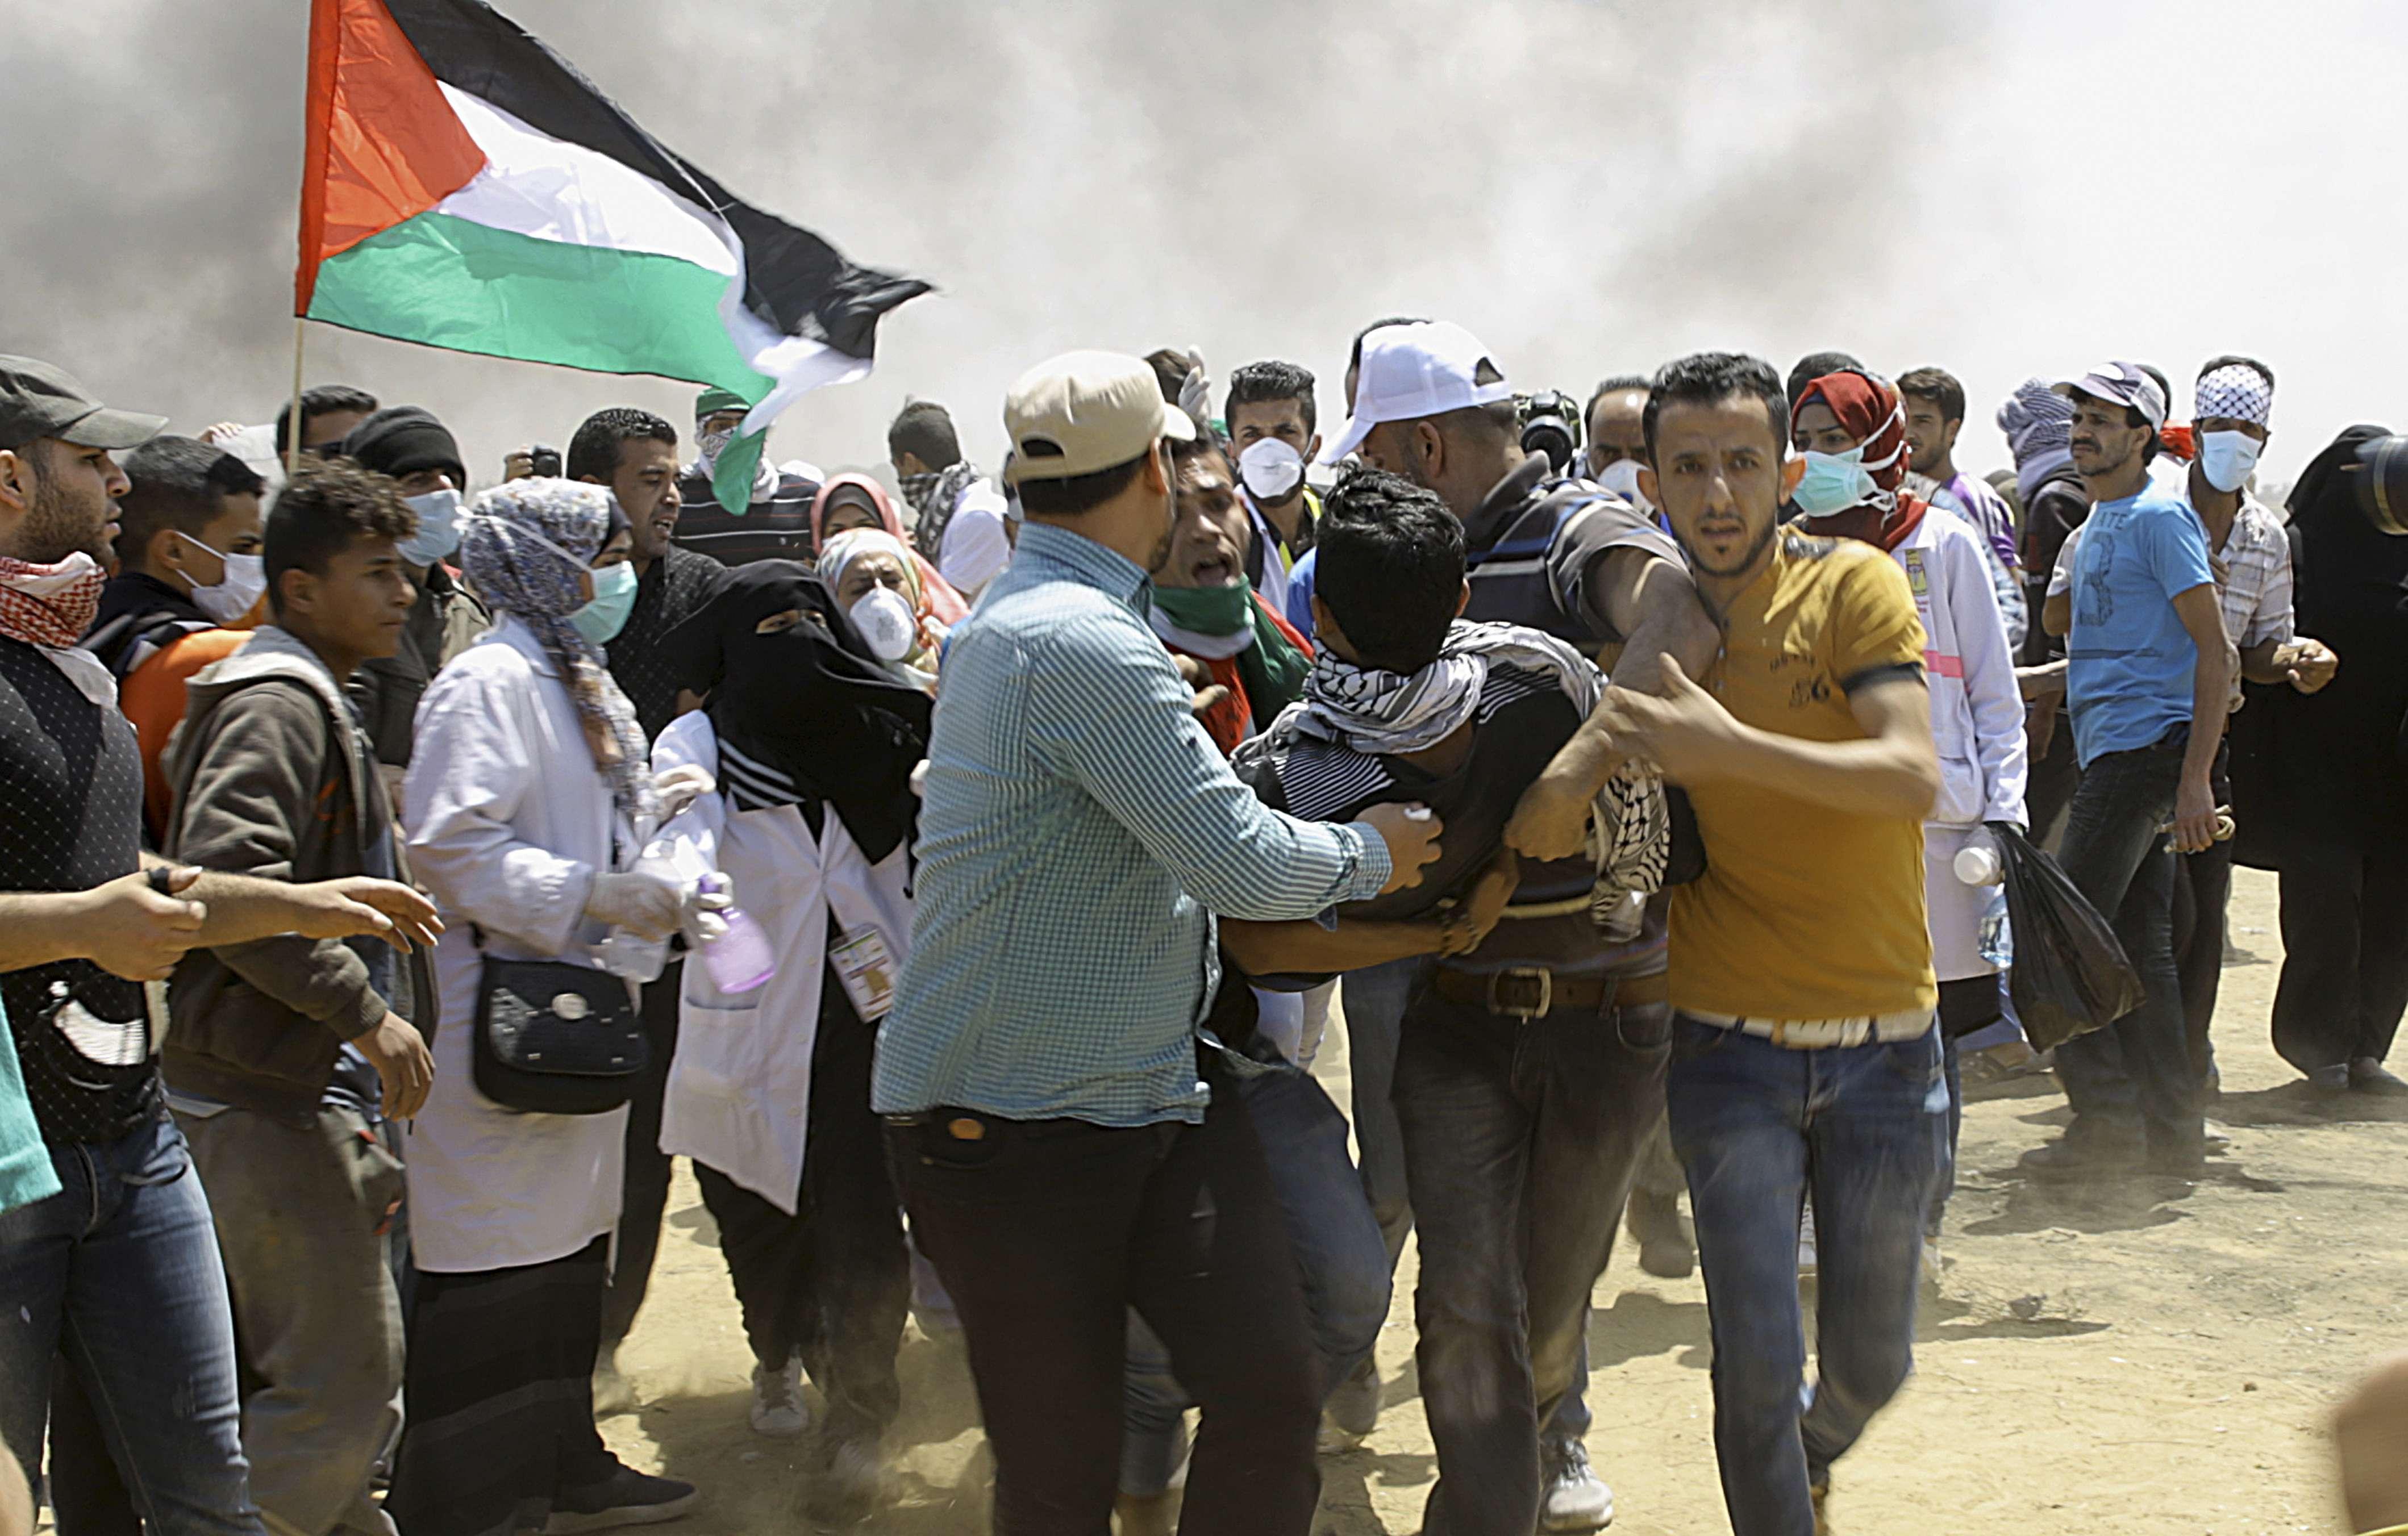 Des manifestants palestiniens évacuent un jeune blessé près de la frontière israélienne, à l'est de Khan Younis, dans la bande de Gaza, lundi 14 mai 2018, peu avant l'inauguration de l'ambassade des Etats-Unis à Jérusalem.